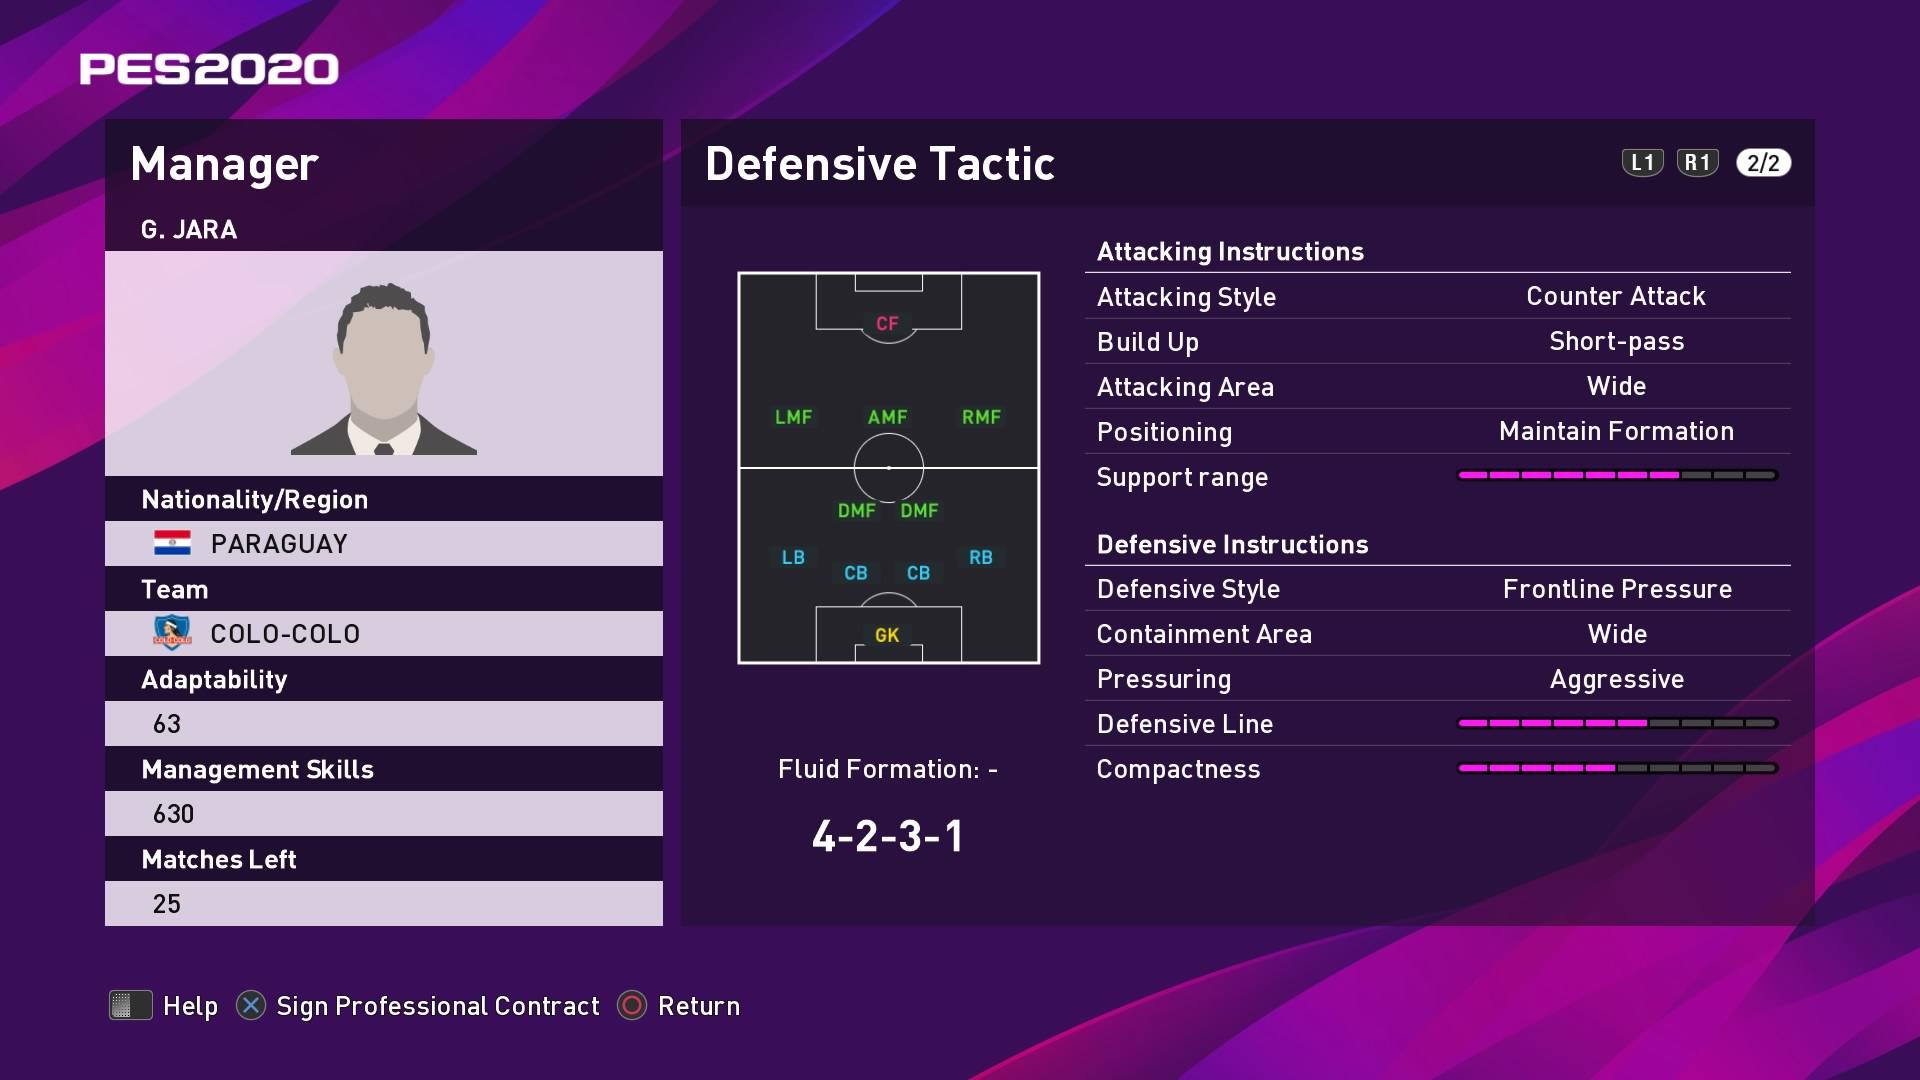 G. Jara (Gualberto Jara) Defensive Tactic in PES 2020 myClub